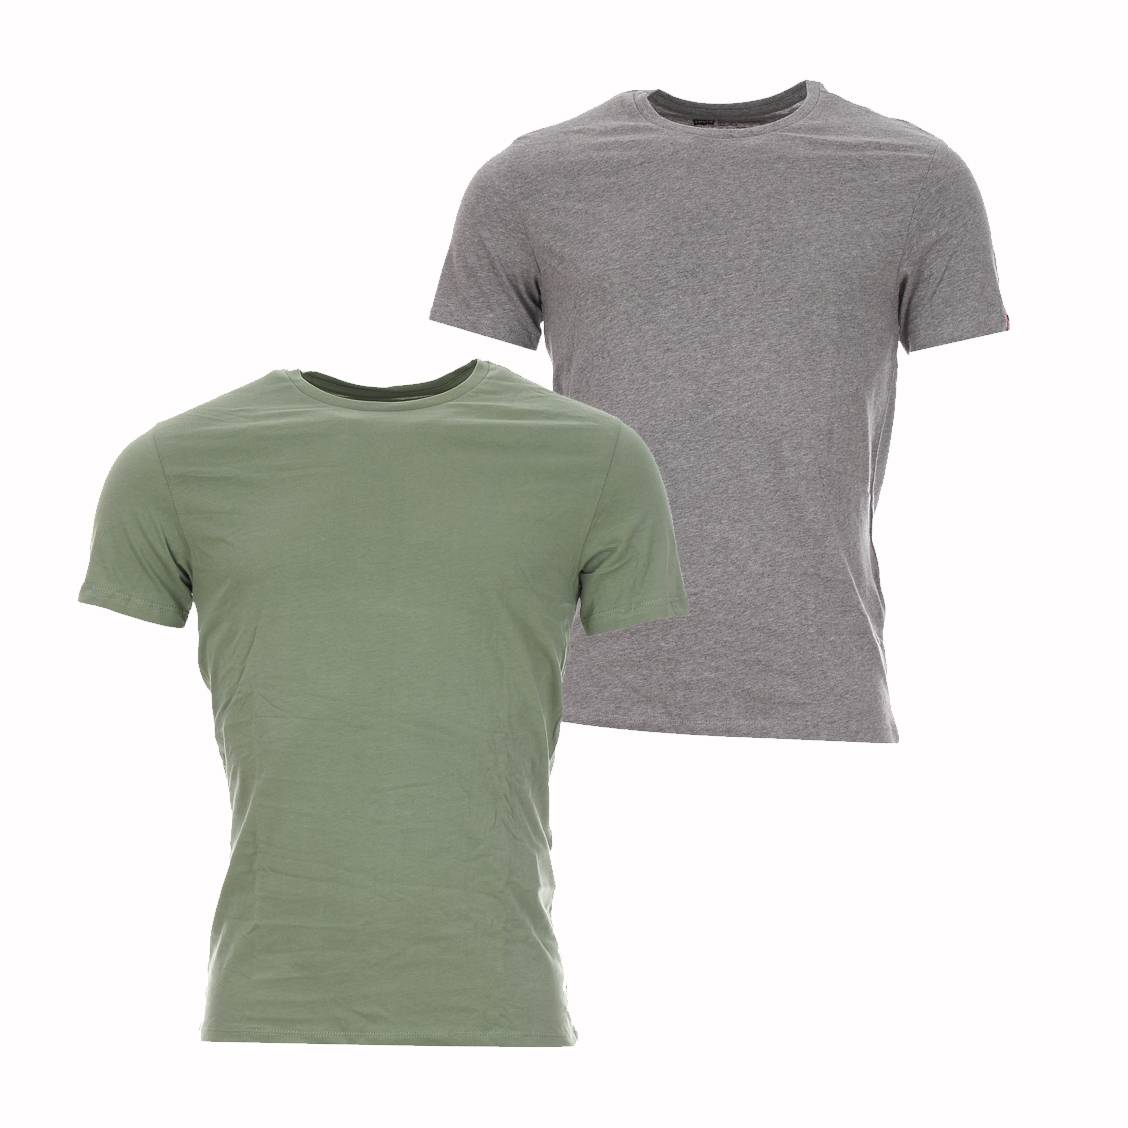 lot de 2 tee shirts col rond levi 39 s en coton gris et vert. Black Bedroom Furniture Sets. Home Design Ideas